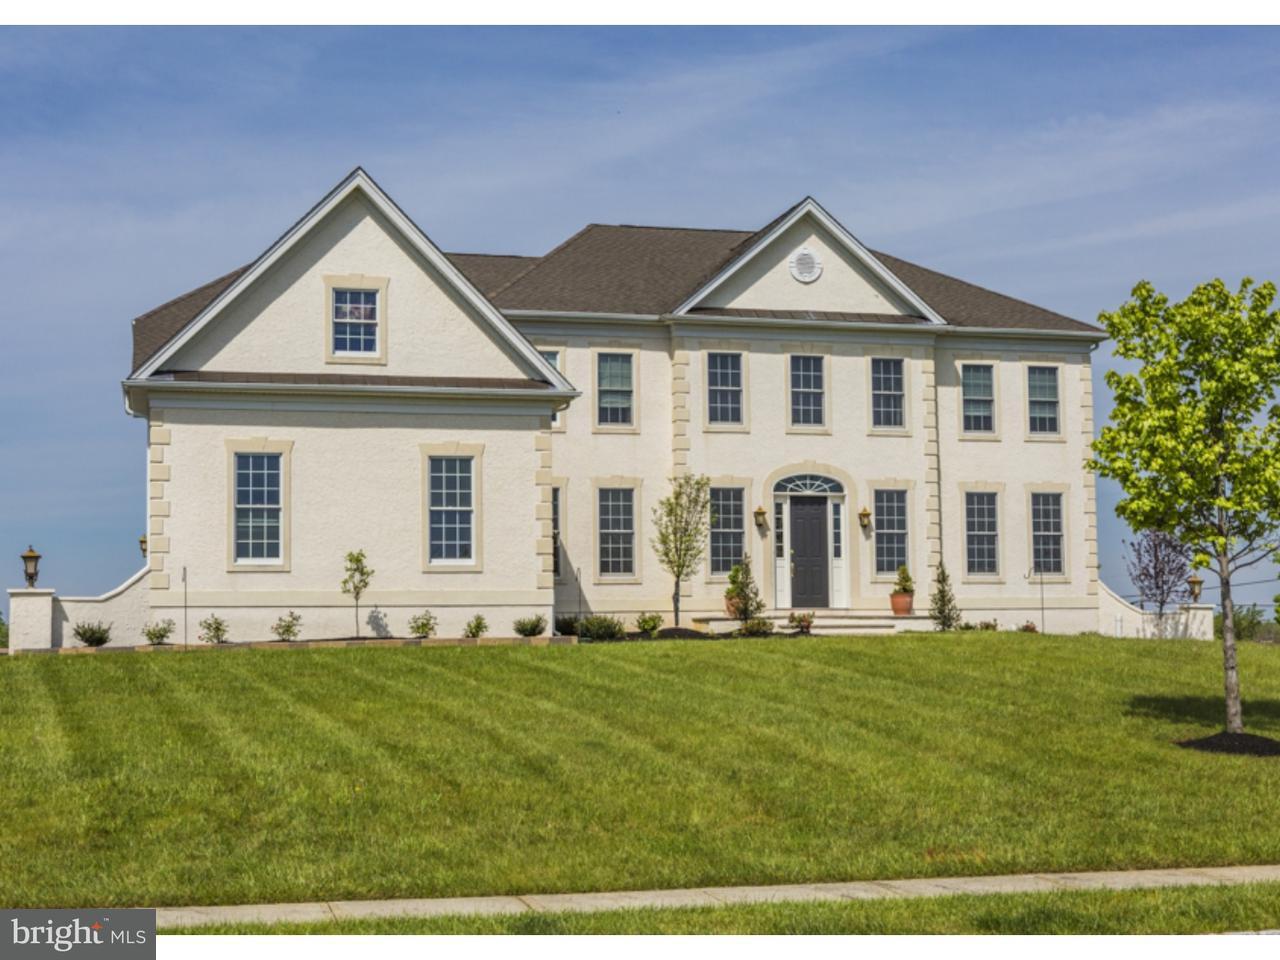 Casa Unifamiliar por un Venta en 2 ORCHARD Drive Cream Ridge, Nueva Jersey 08514 Estados UnidosEn/Alrededor: Upper Freehold Township